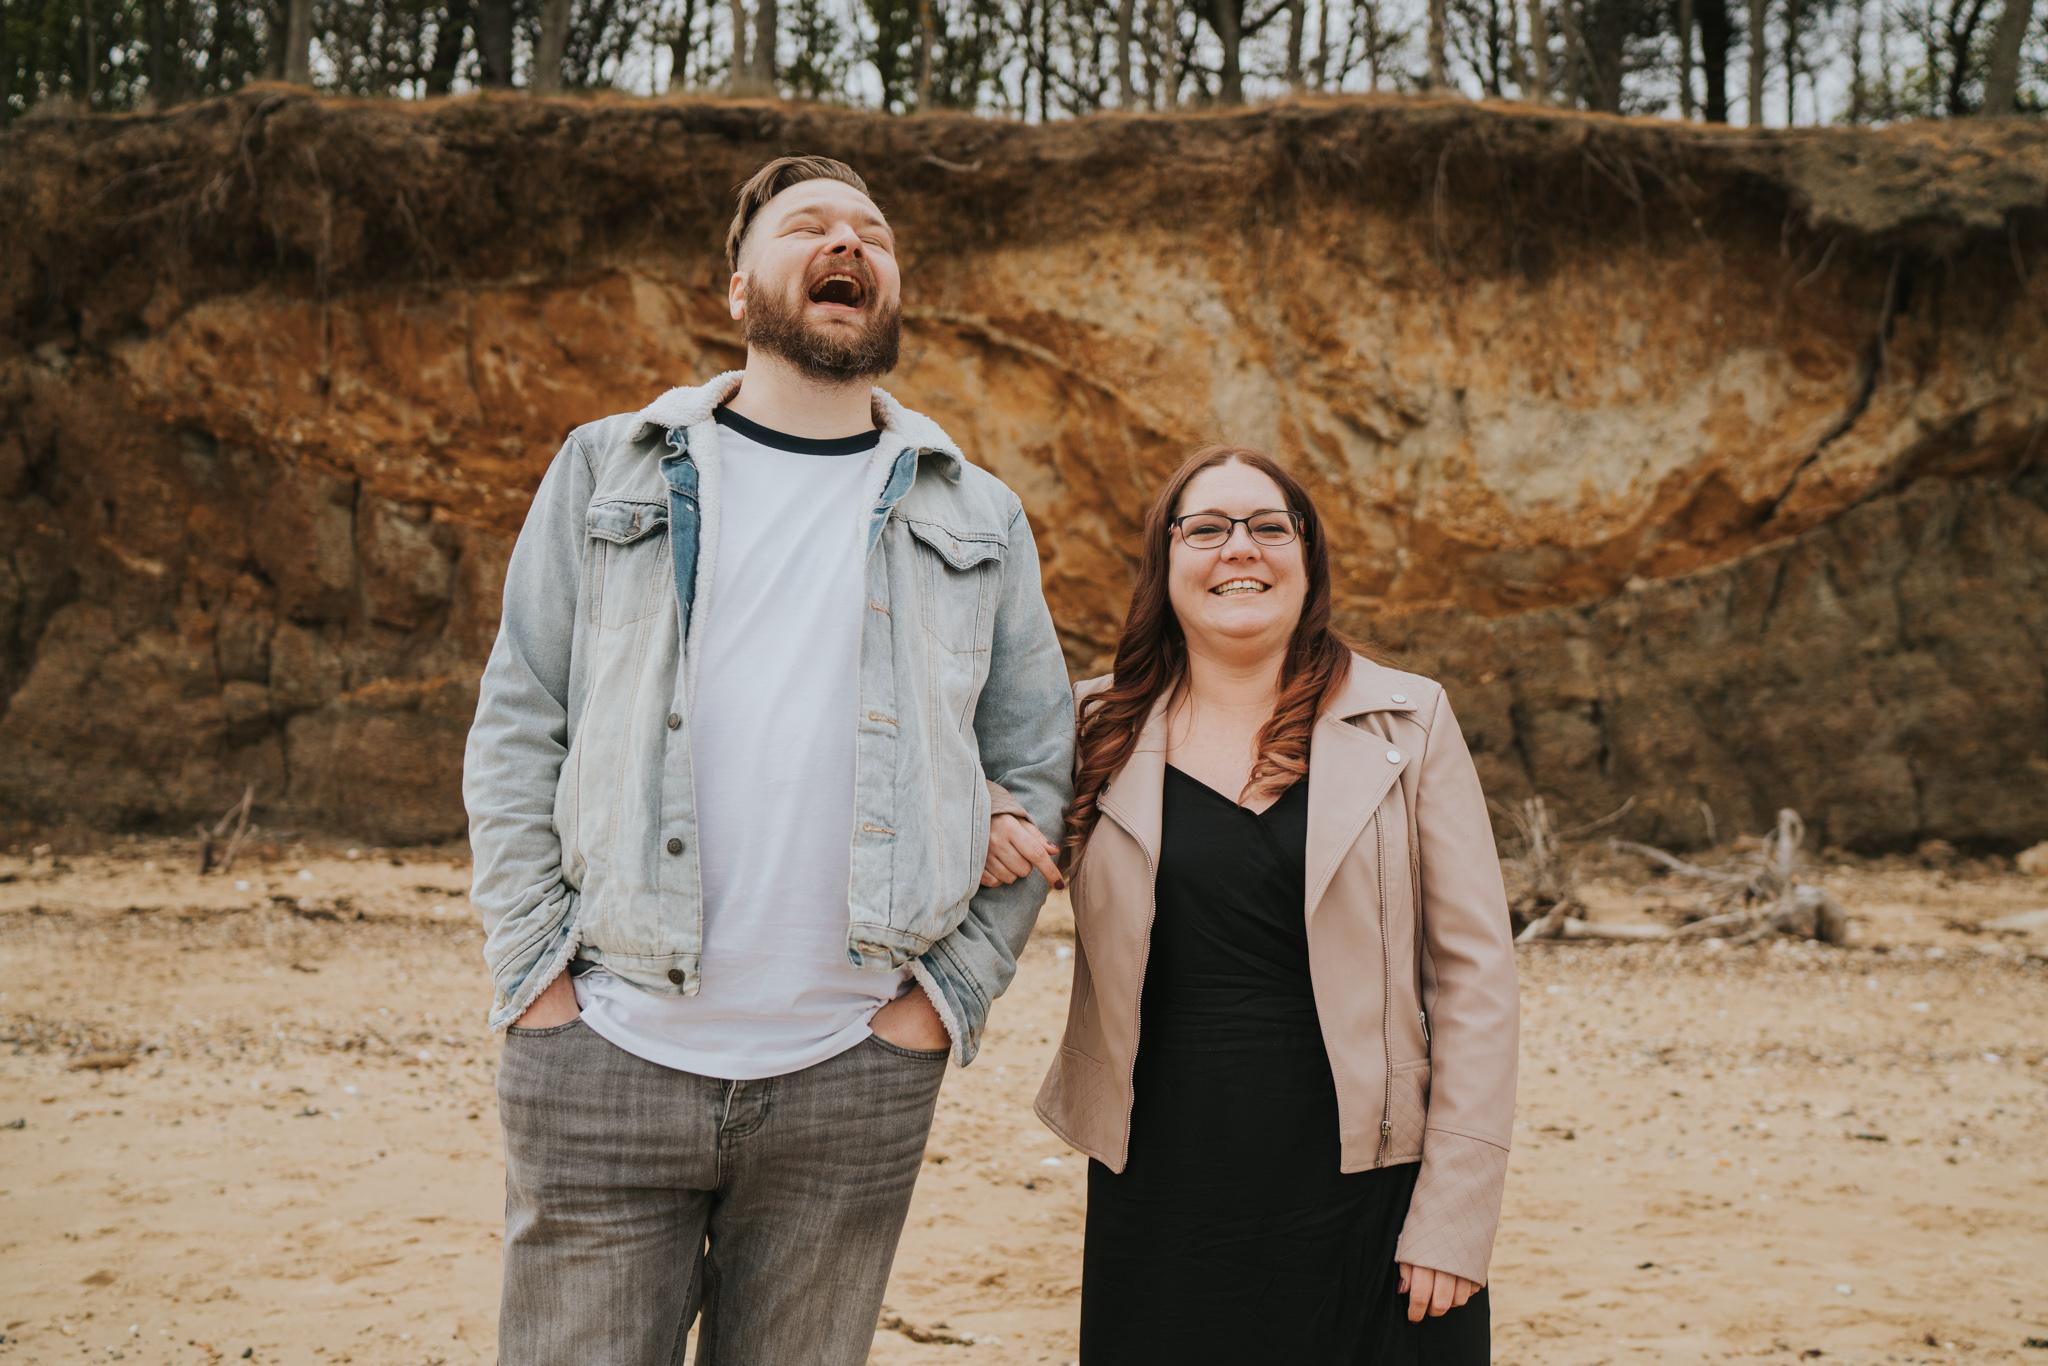 katrina-jim-cudmore-grove-beach-couple-engagement-session-grace-elizabeth-colchester-essex-alternative-wedding-lifestyle-photographer-essex-suffolk-norfolk-devon (20 of 47).jpg